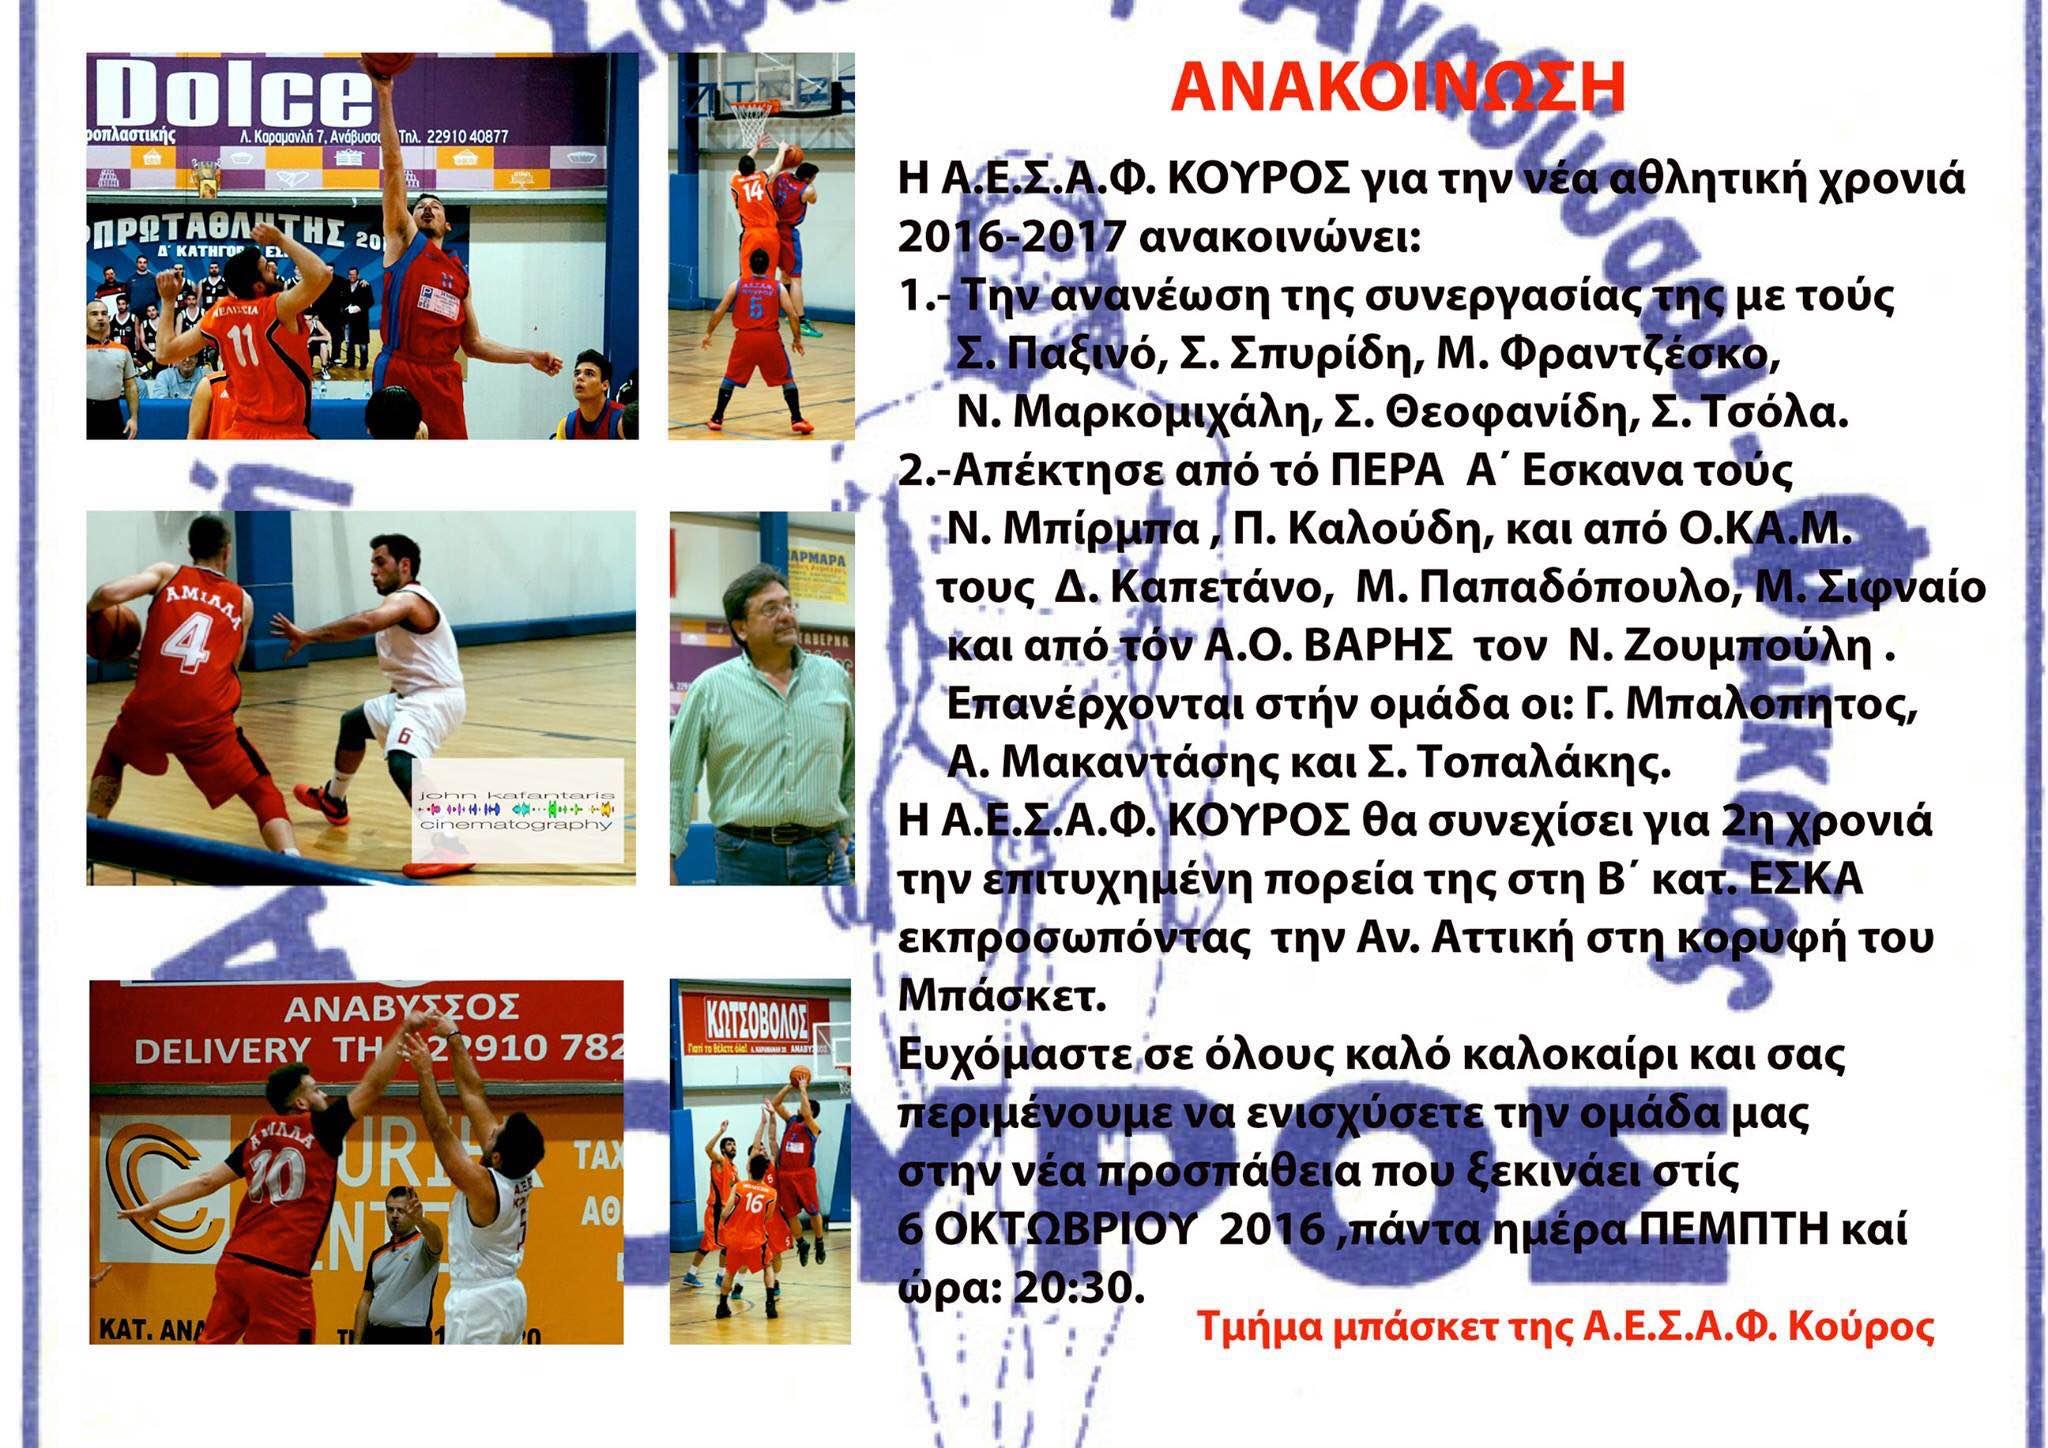 ΑΕΣΑΦ Κούρος – Τμήμα Μπάσκετ – Ανακοίνωση